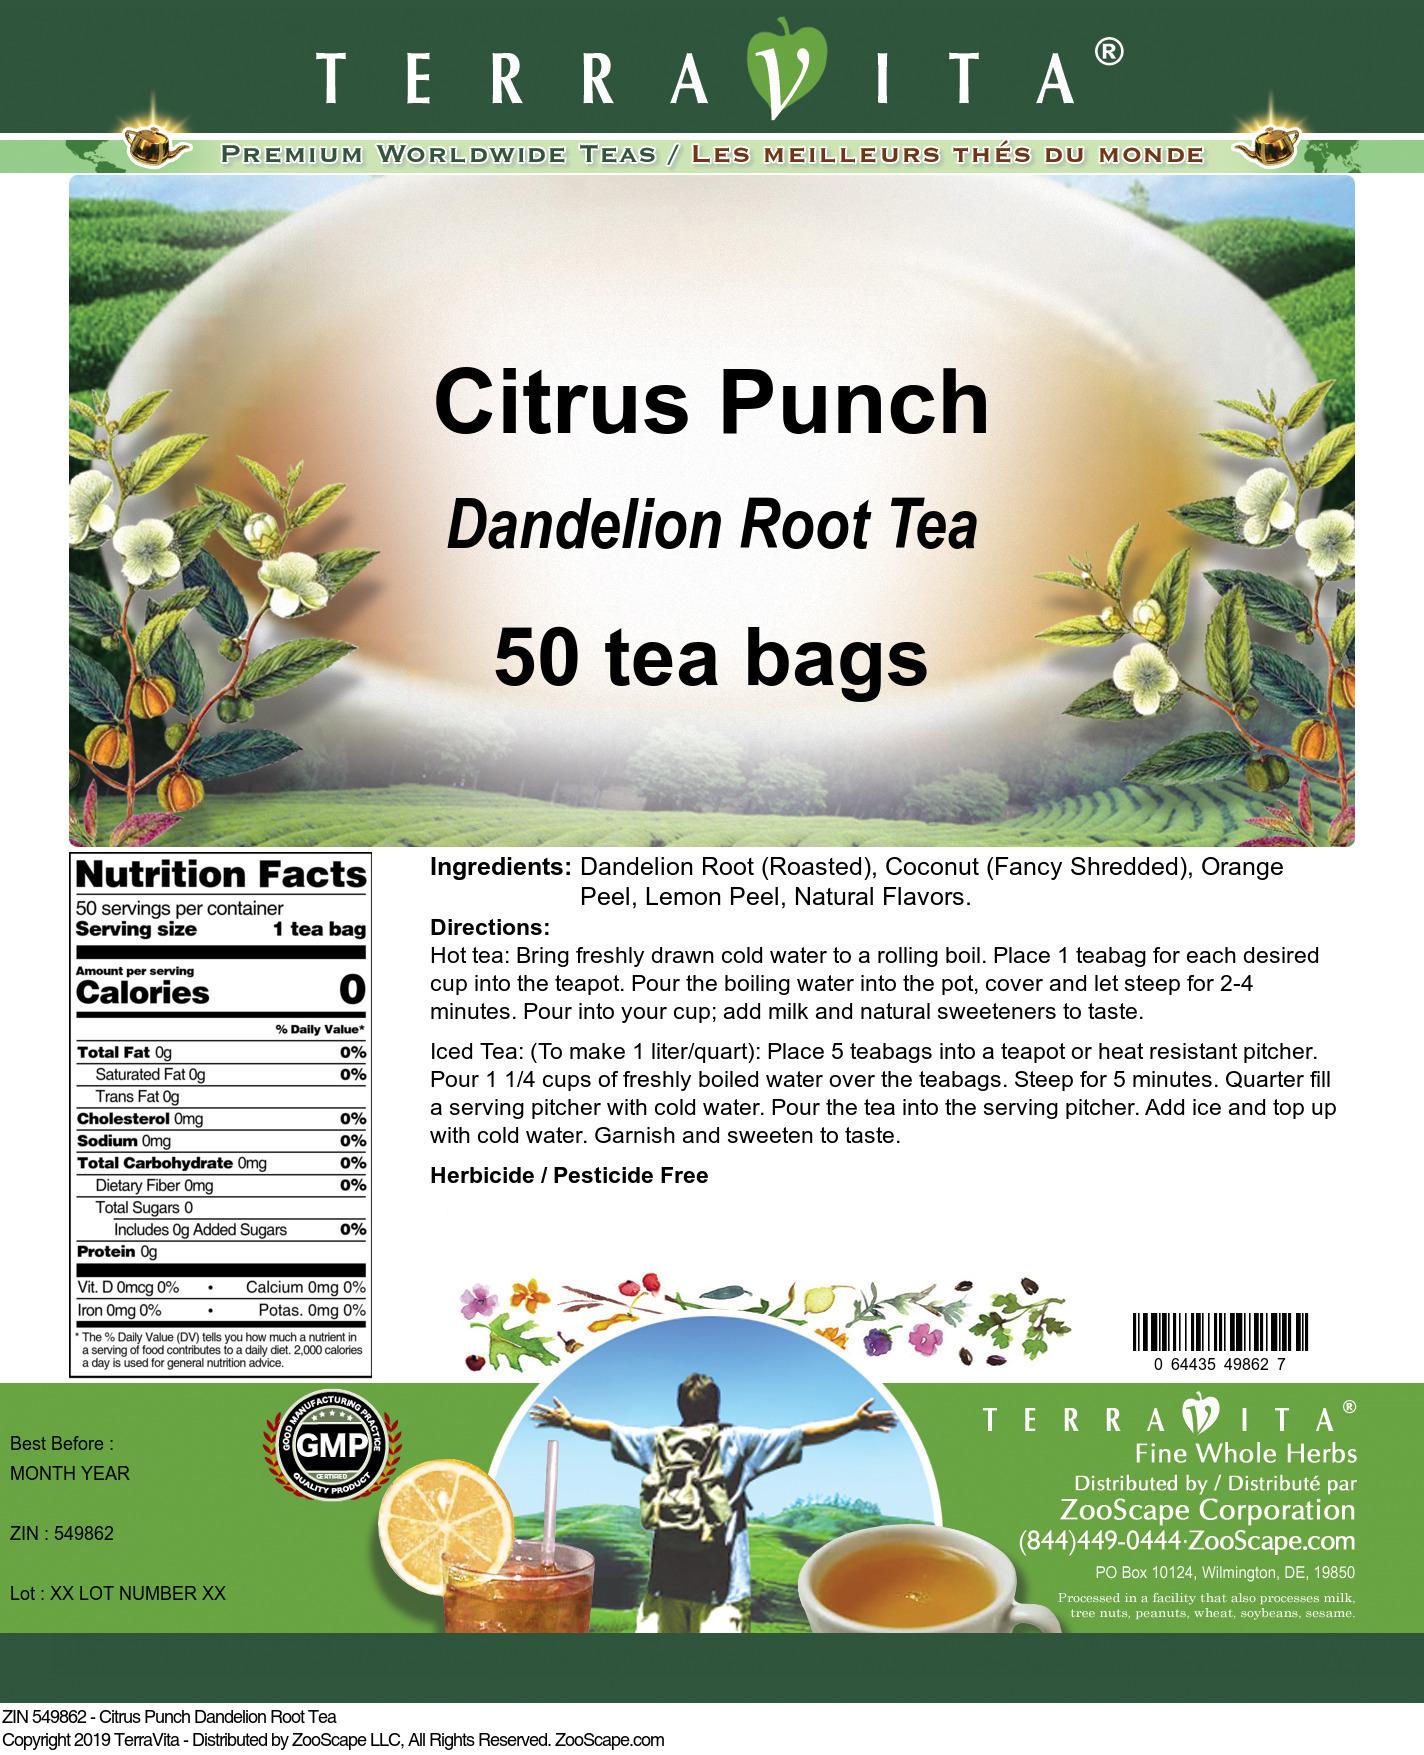 Citrus Punch Dandelion Root